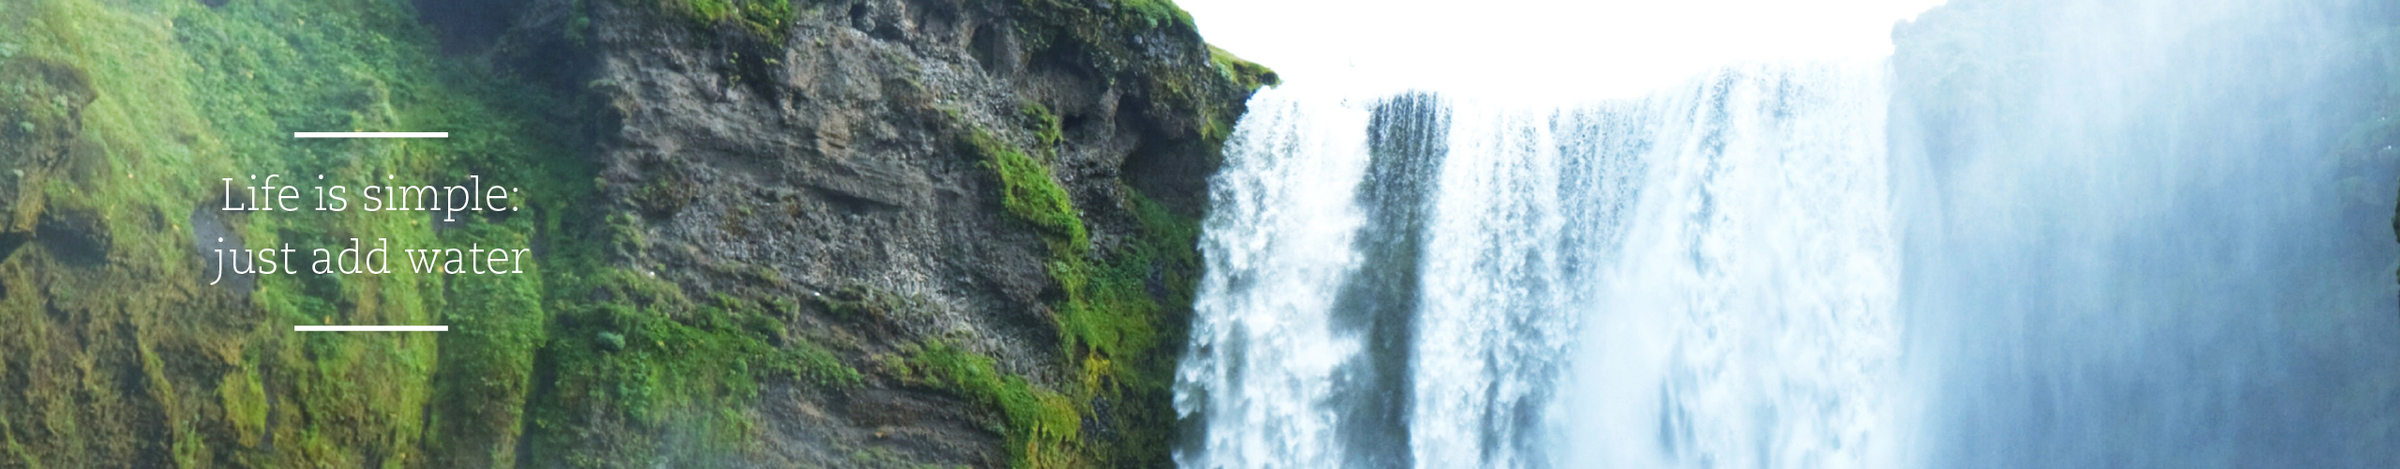 5 tips om water te besparen in de badkamer - Sfeerbanner-water